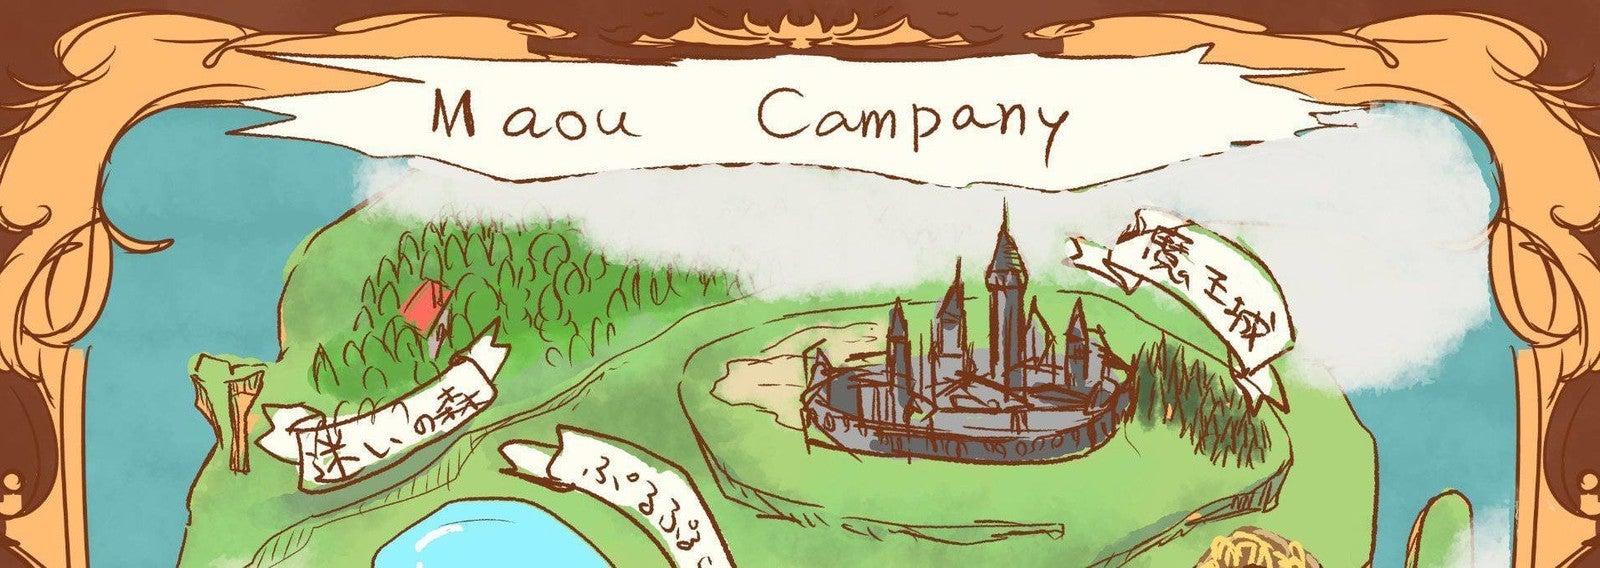 私、魔王の会社に入社しました 魔王カンパニー note